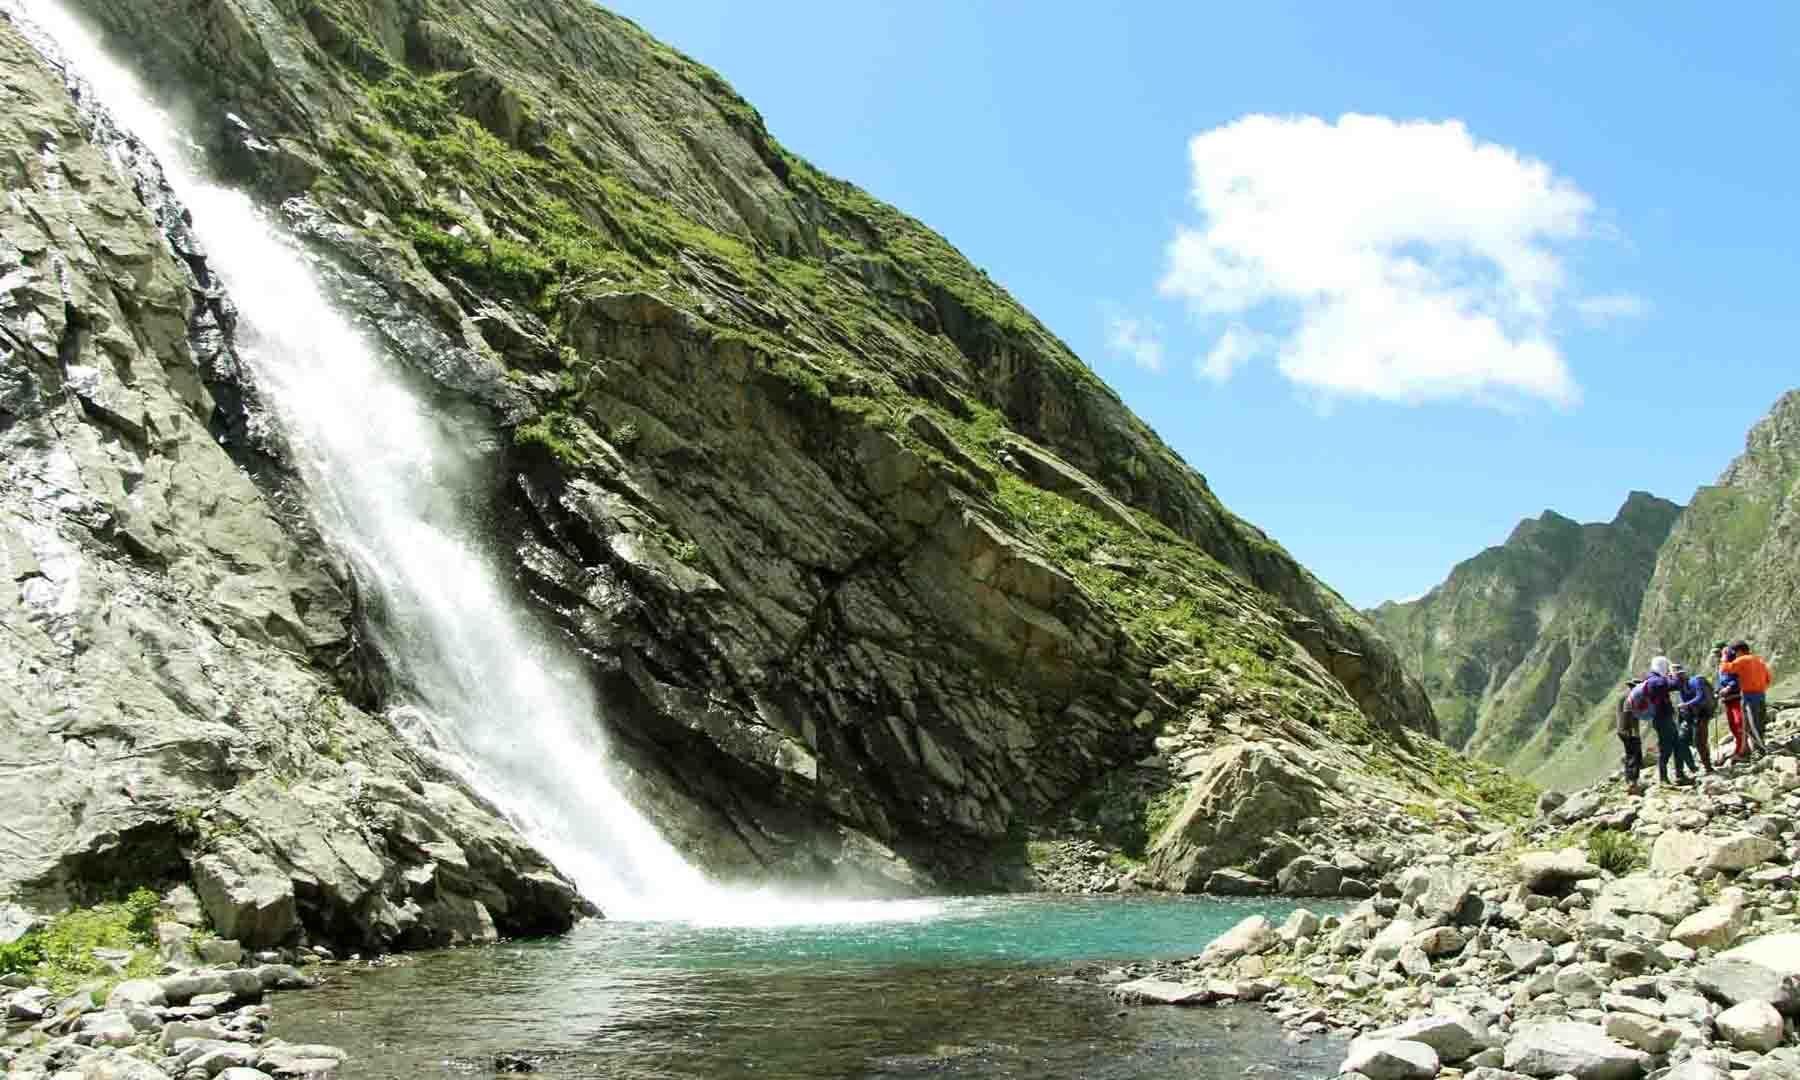 مستیج جھیل کے راستہ میں آنے والی آبشار، جسے متفقہ طور پر مستیج آبشار کا نام دیا گیا